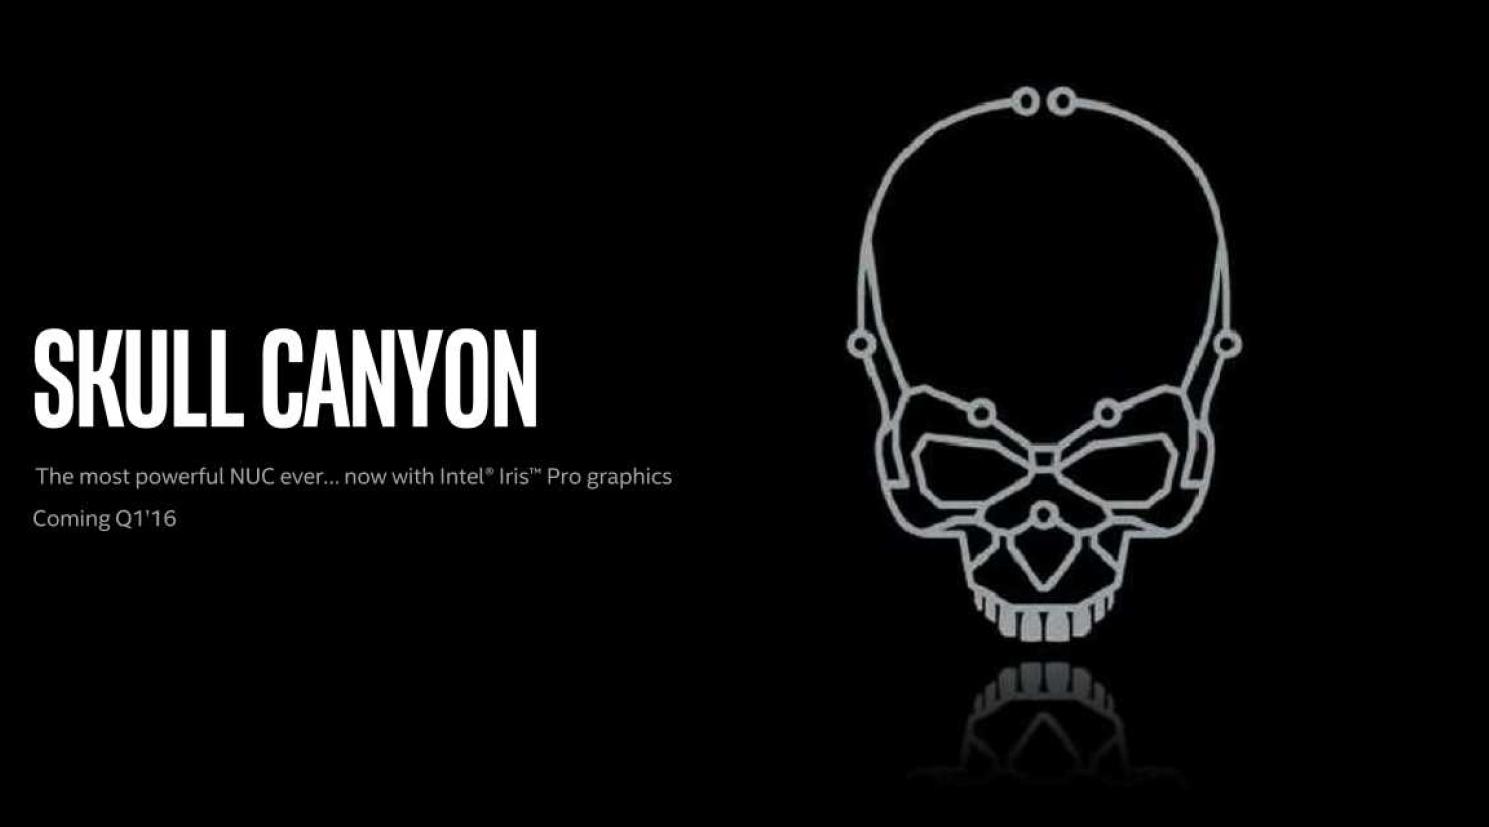 Intel Confirms Skull Canyon Platform At Ces 2016